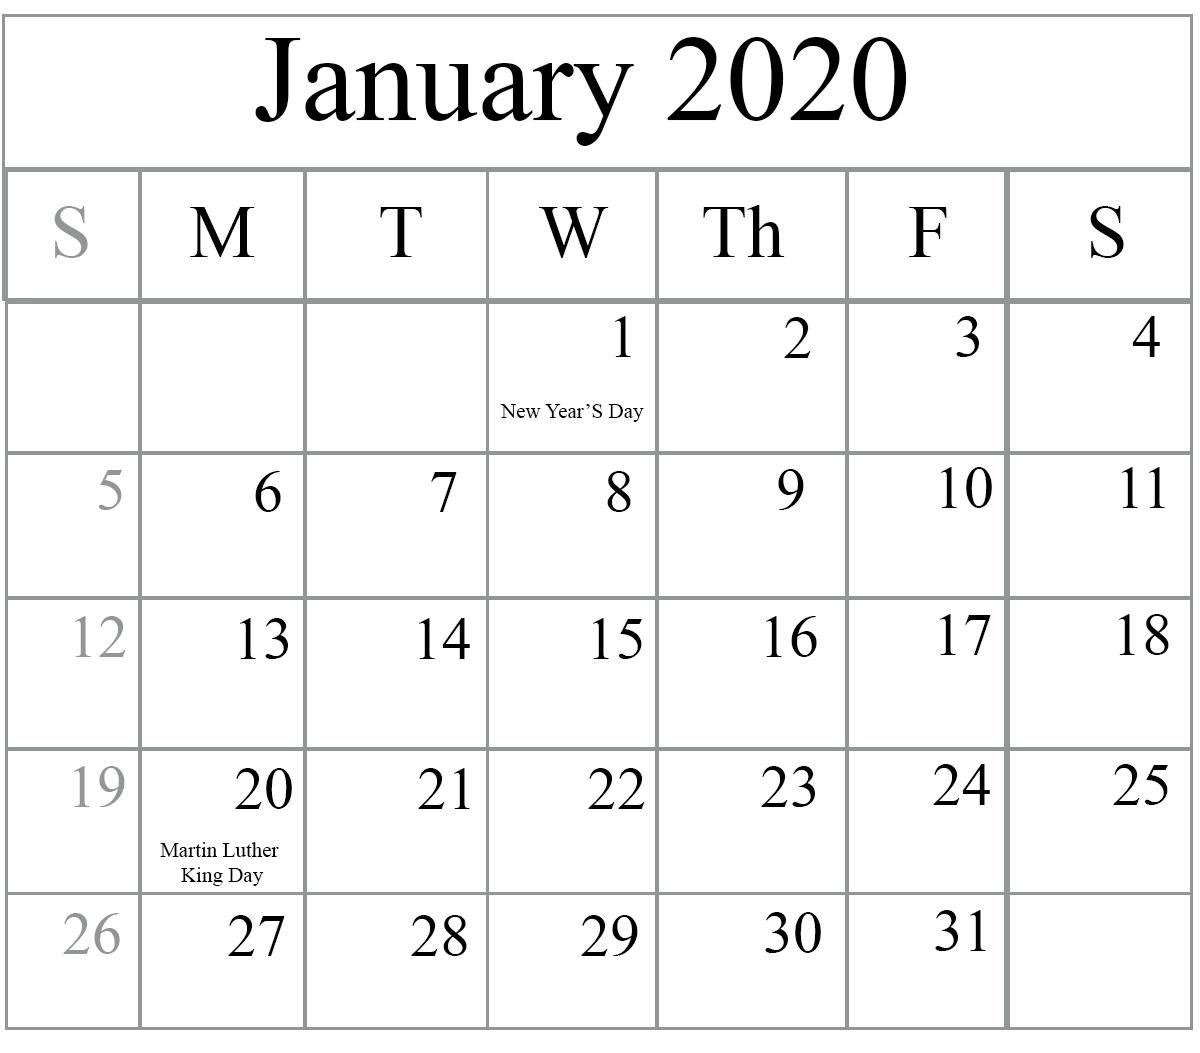 Free Blank January 2020 Calendar Printable In Pdf, Word, Excel regarding Outlook Calendar 2020